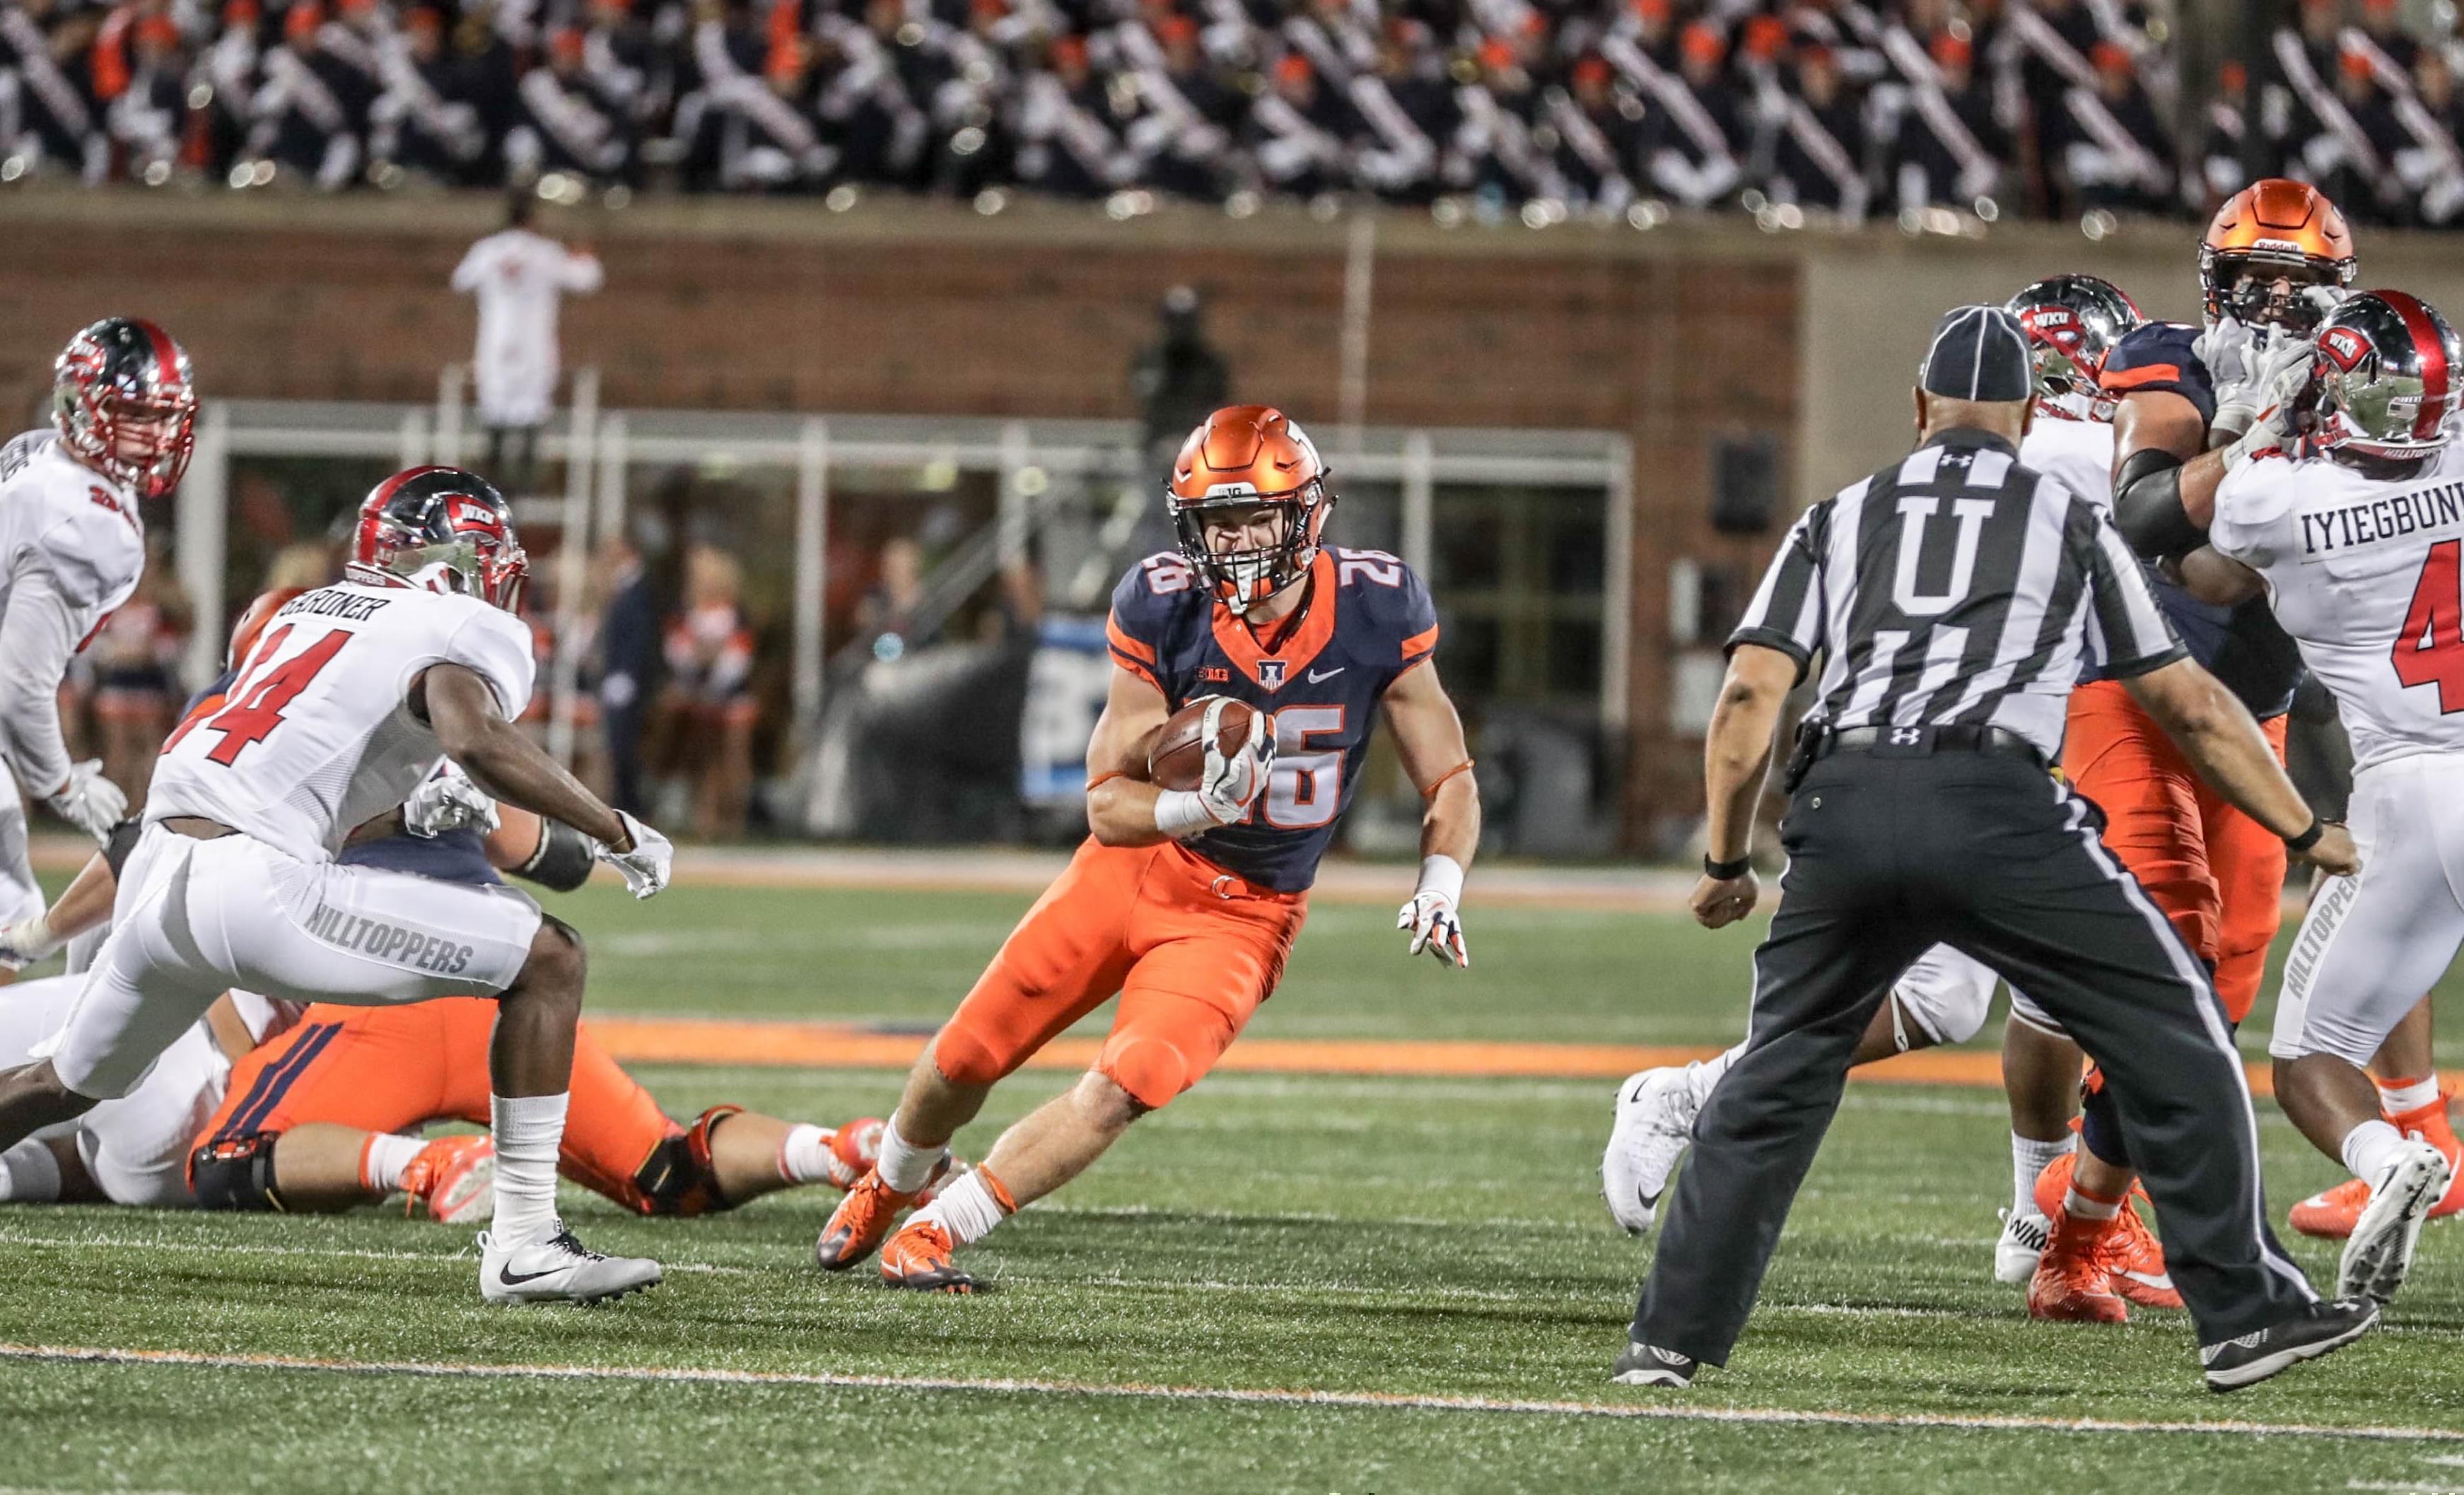 Illinois freshman running back Mike Epstein